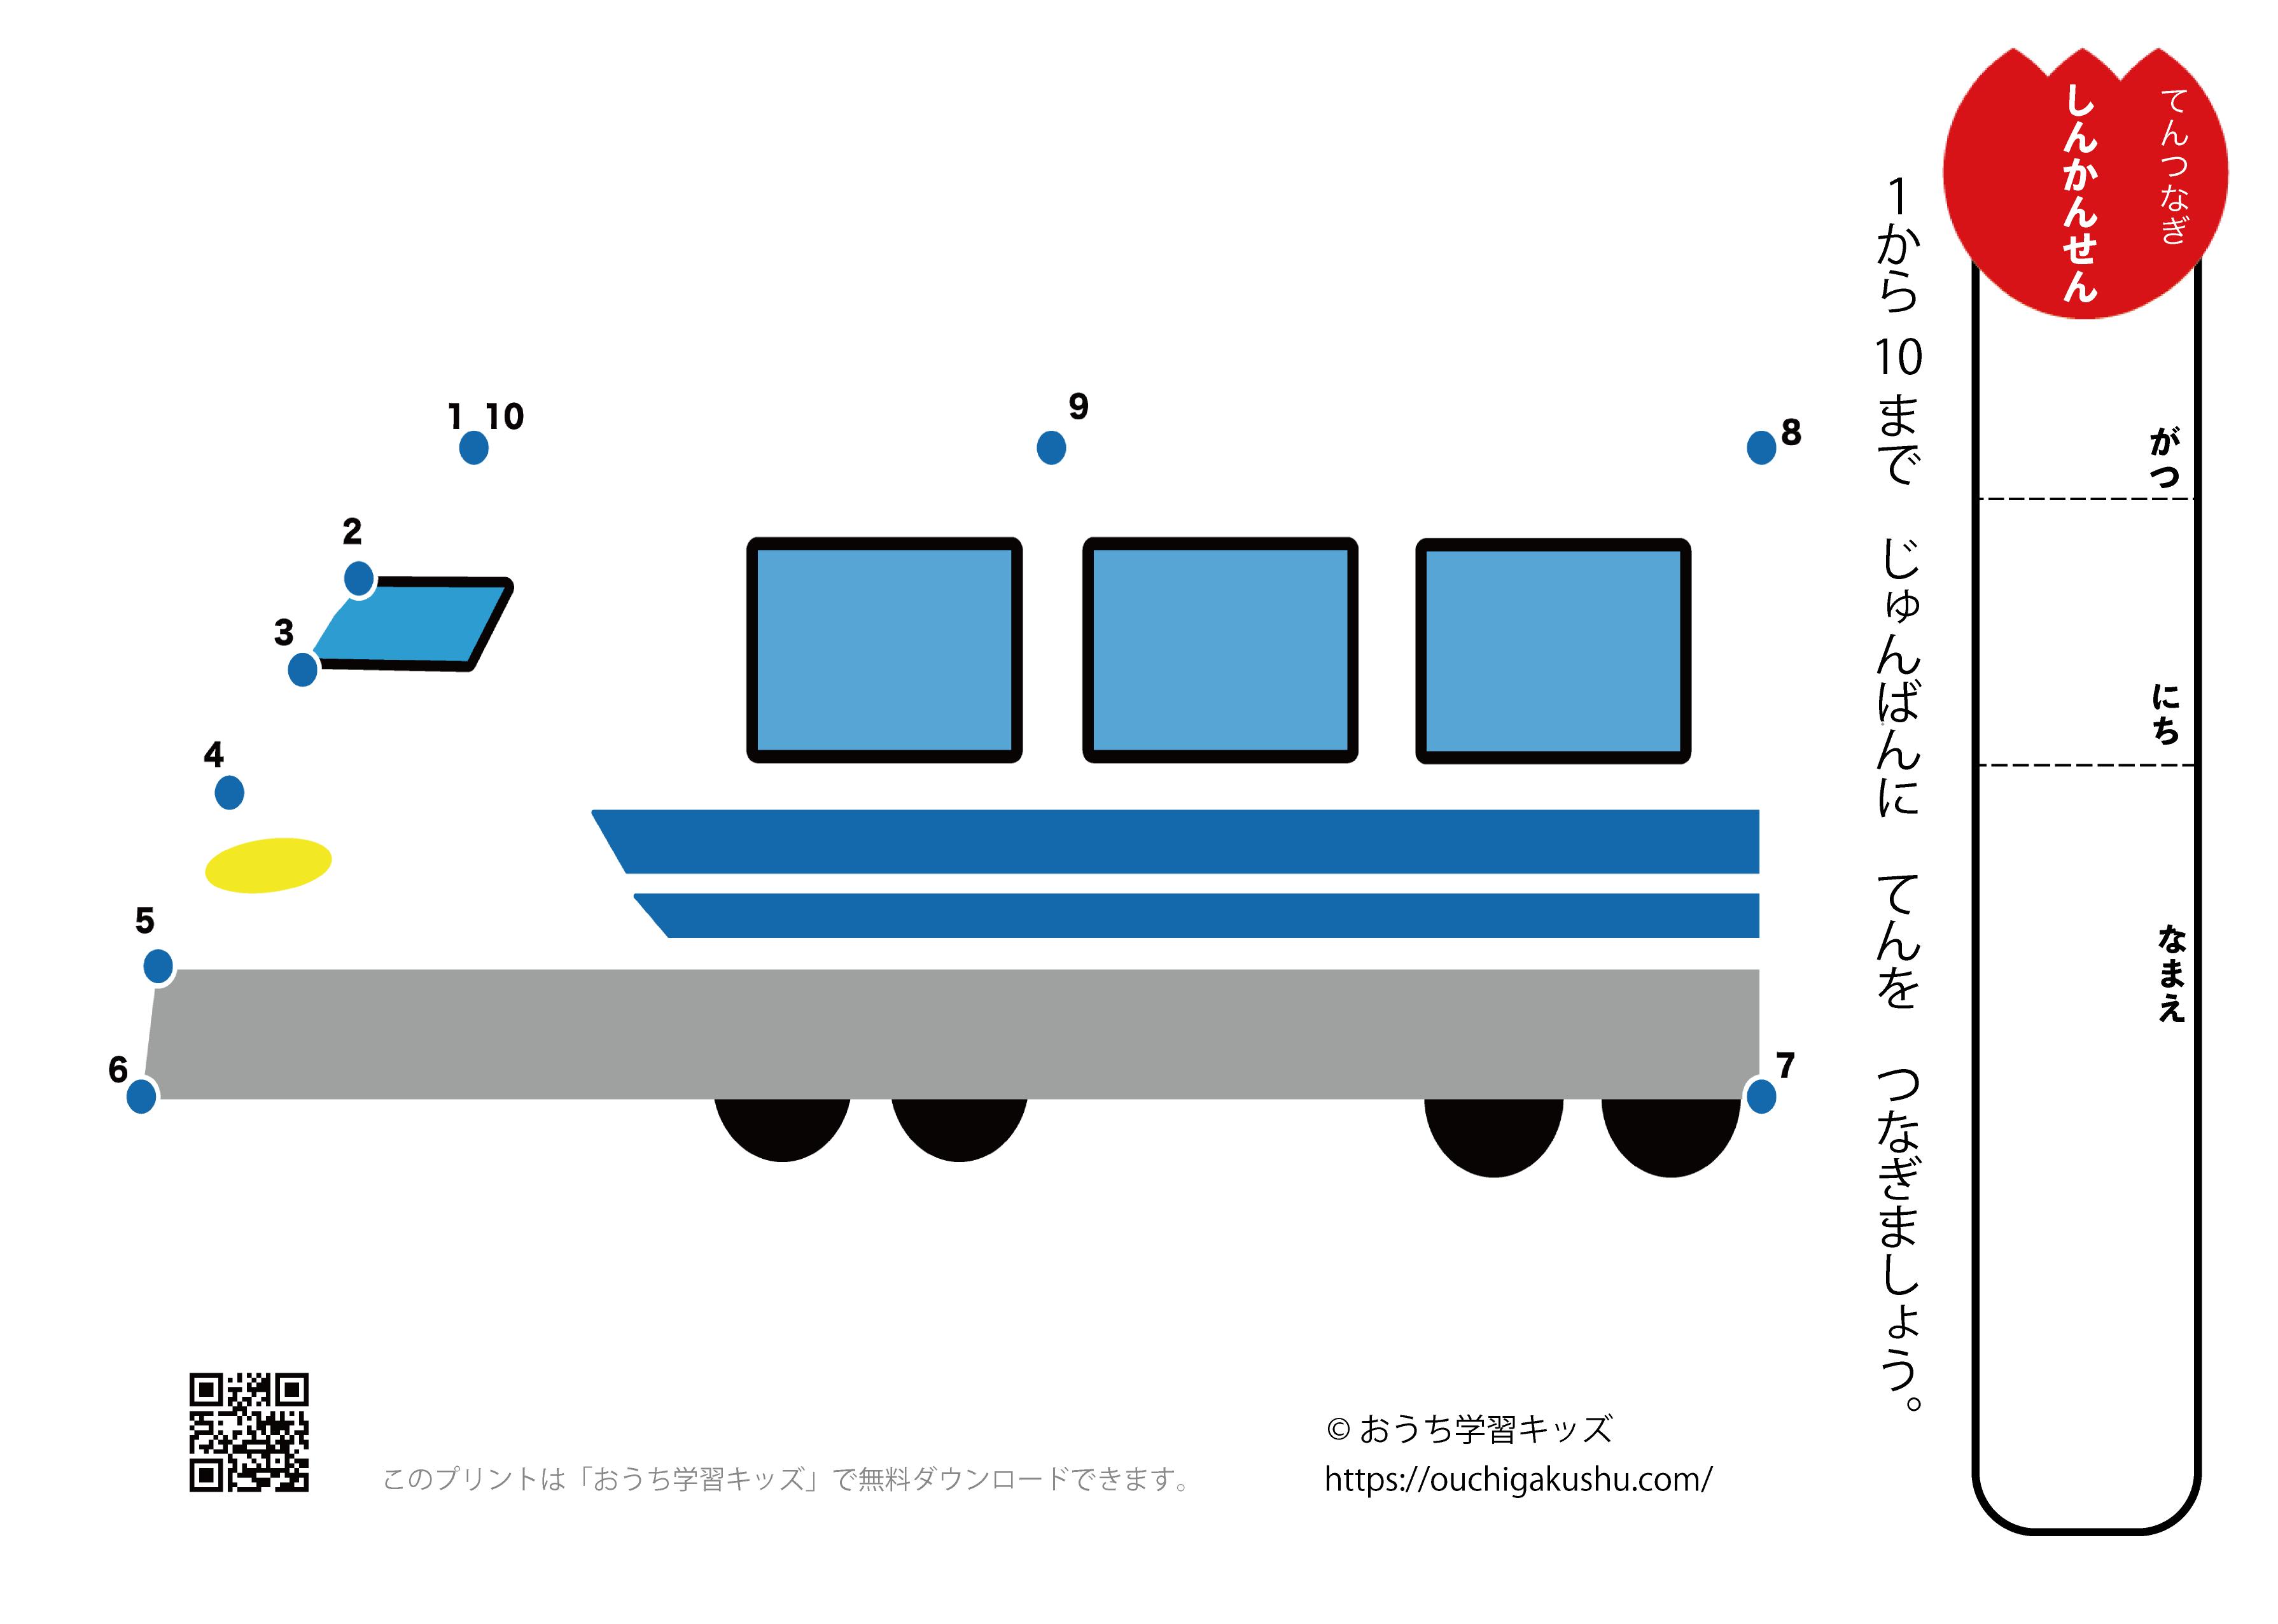 点つなぎ「新幹線」(1から10までの数字)